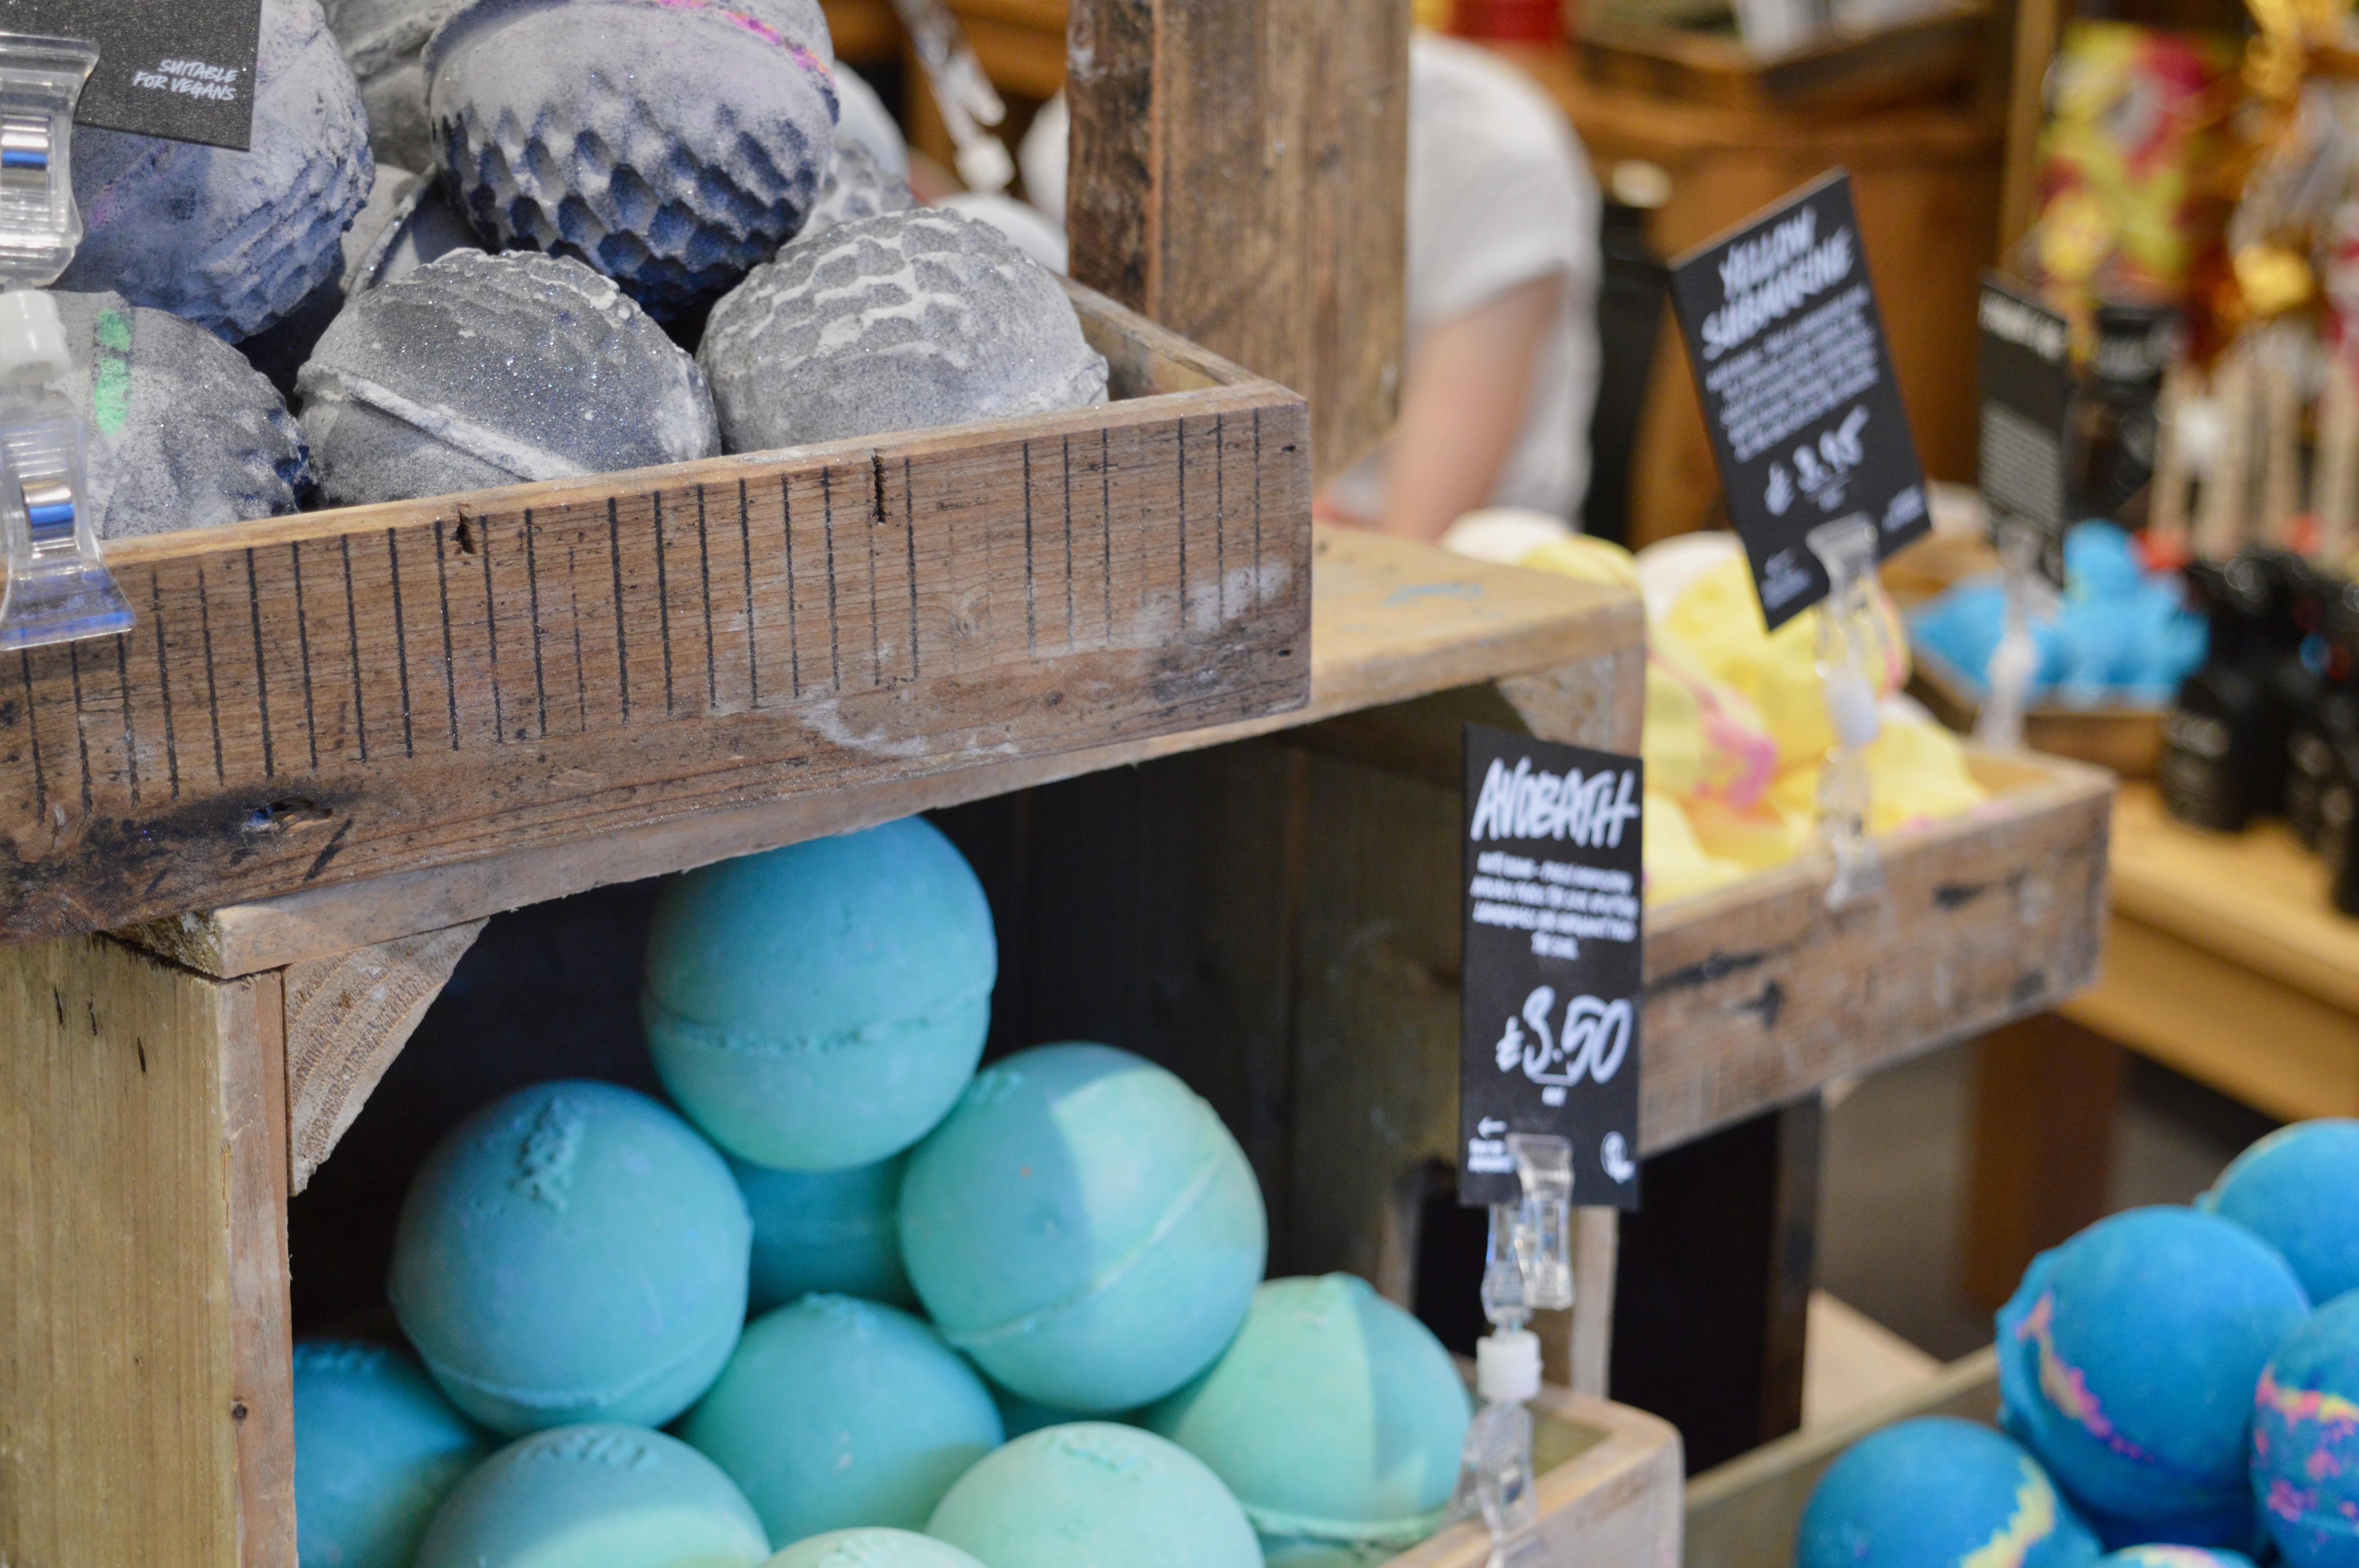 Bath-Bomb-Lush-Carlisle-New-Product-Launch-Elle-Blonde-Luxury-Lifestyle-Blog